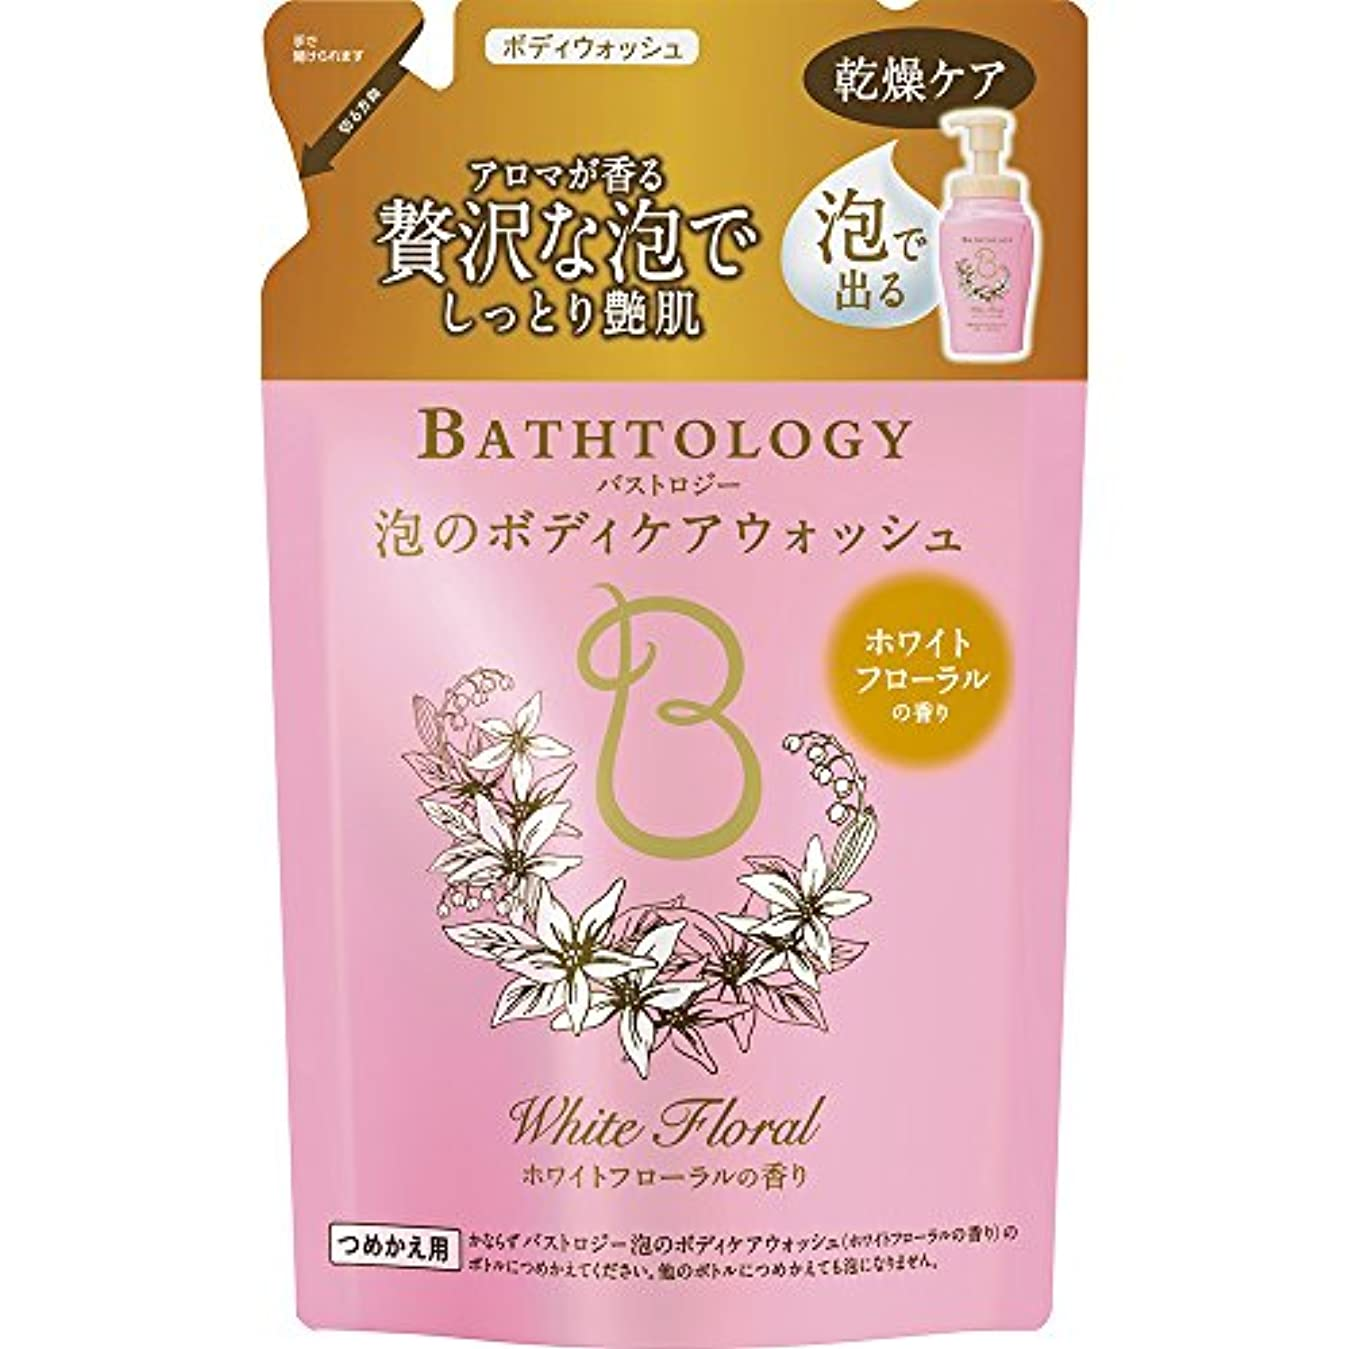 家禽無視選ぶBATHTOLOGY 泡のボディケアウォッシュ ホワイトフローラルの香り 詰め替え 350ml